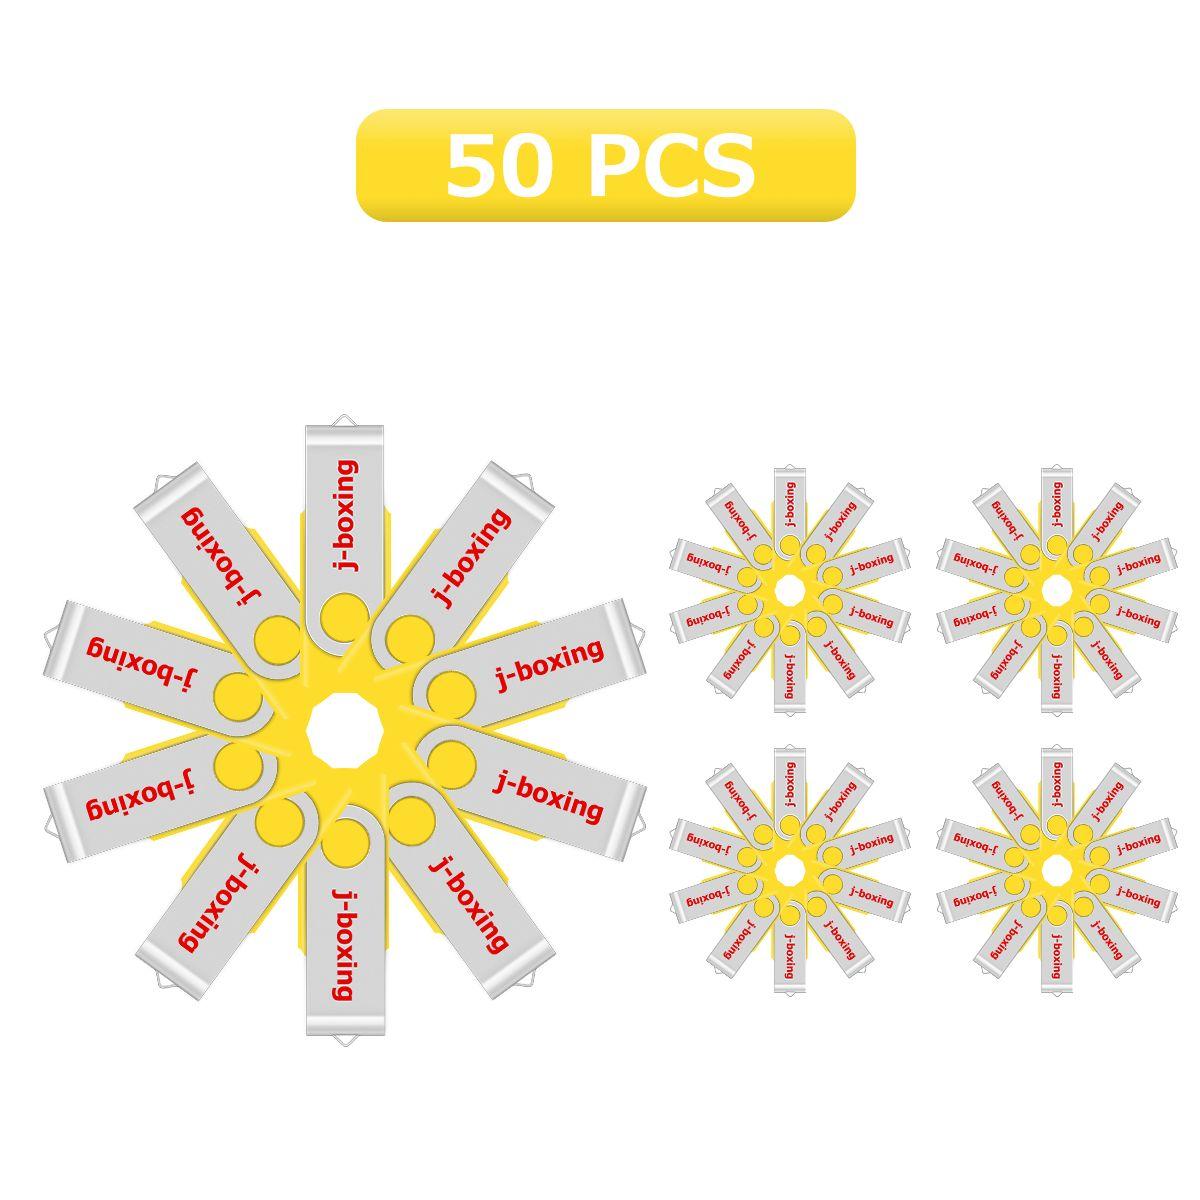 50PCS 64MB USB Flash Small Capacity Pendrives Swivel USB Flash Stick J-boxing 64 mb Memory Stick for Desktop Laptop Multicolors enlarge